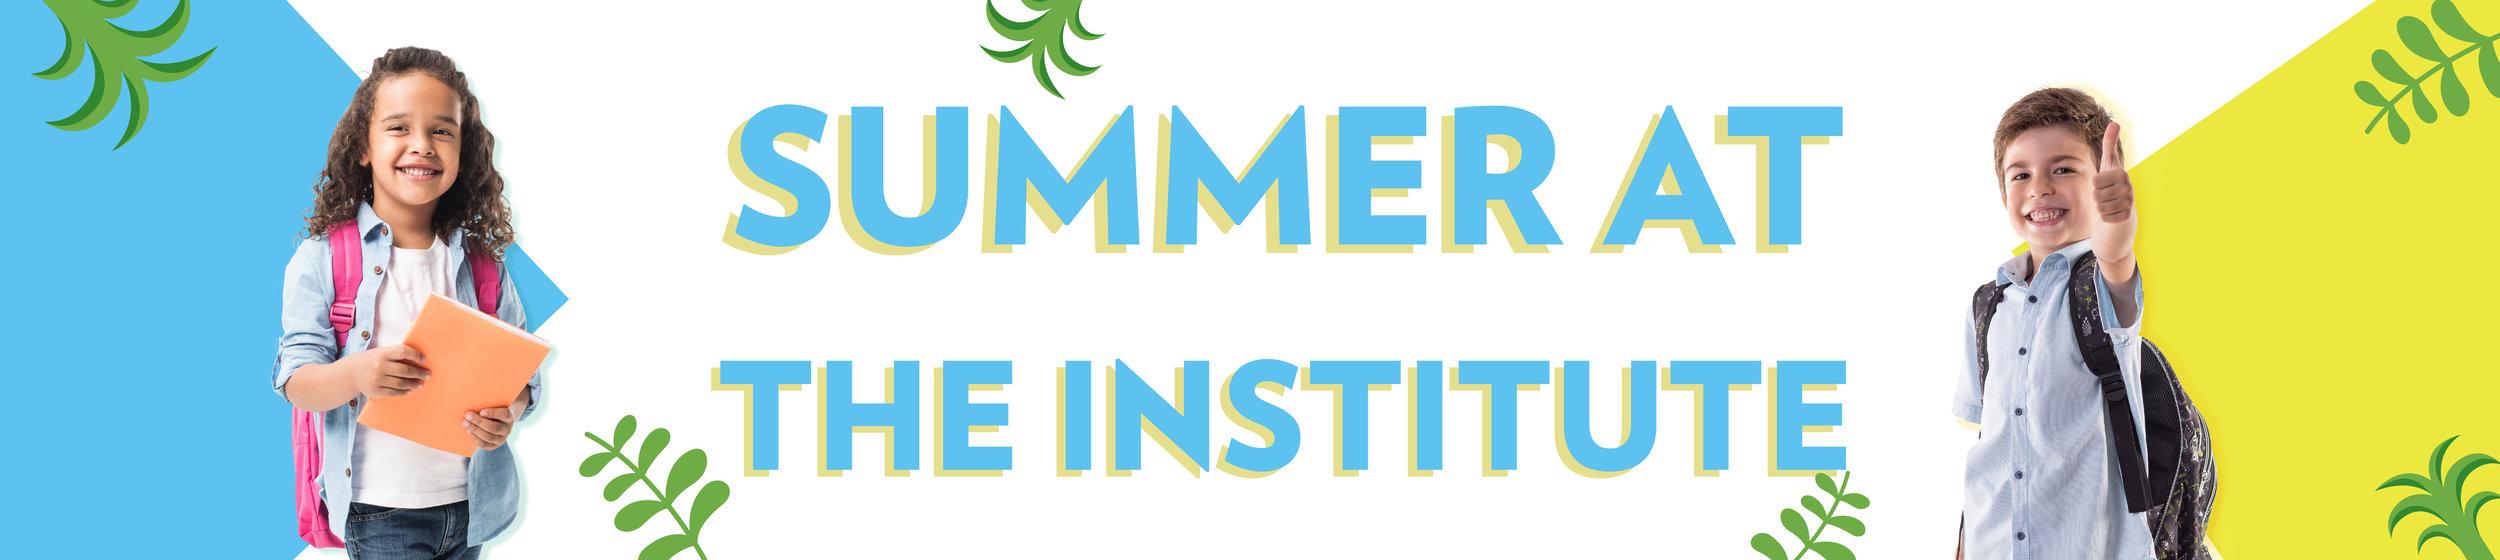 Summer programas-09.jpg